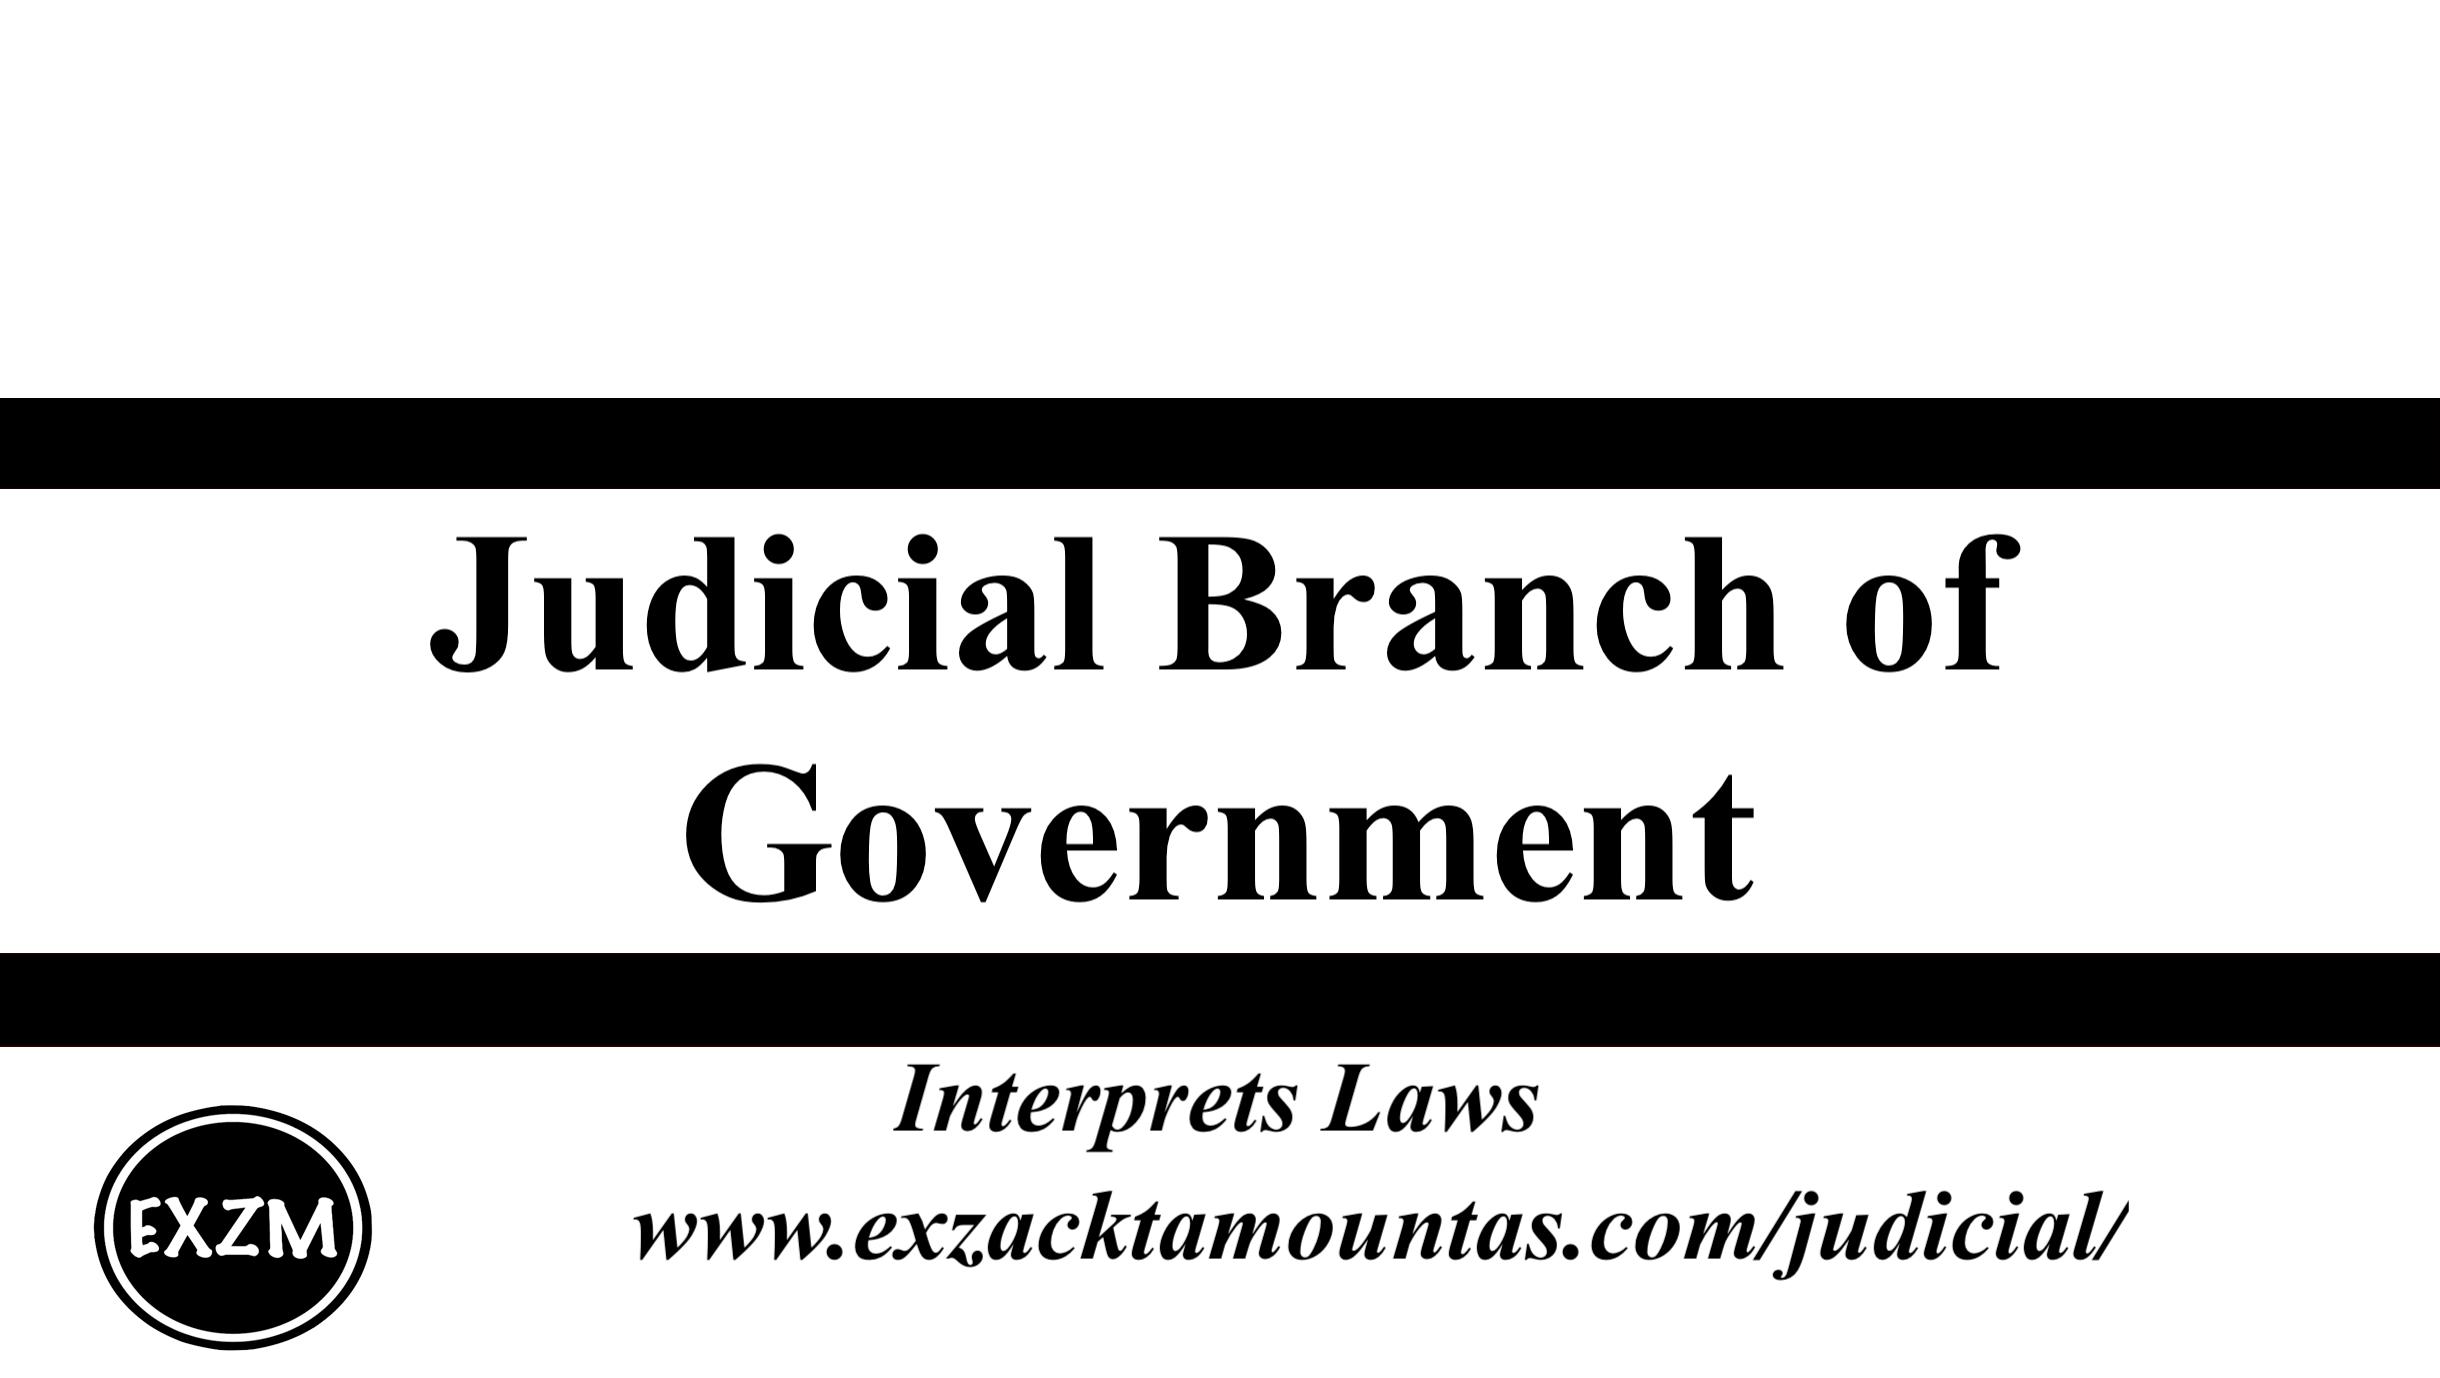 Judicial Branch of Gov EXZM 9 30 2019